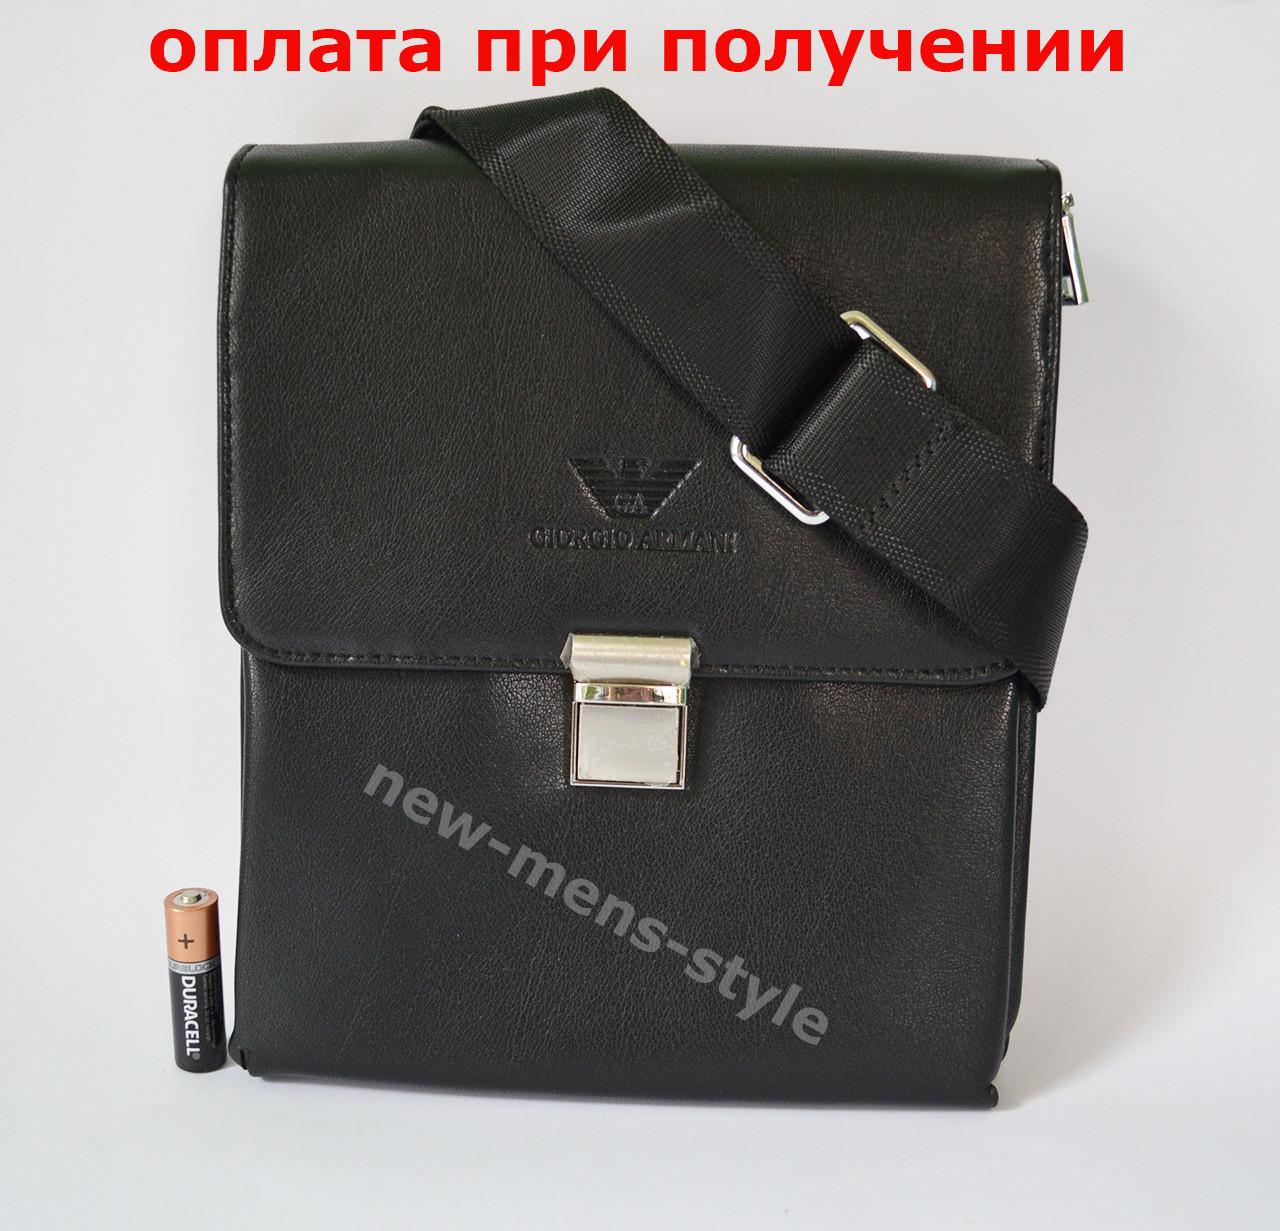 Мужская кожаная фирменная сумка барсетка Giorgio Armani Polo купить